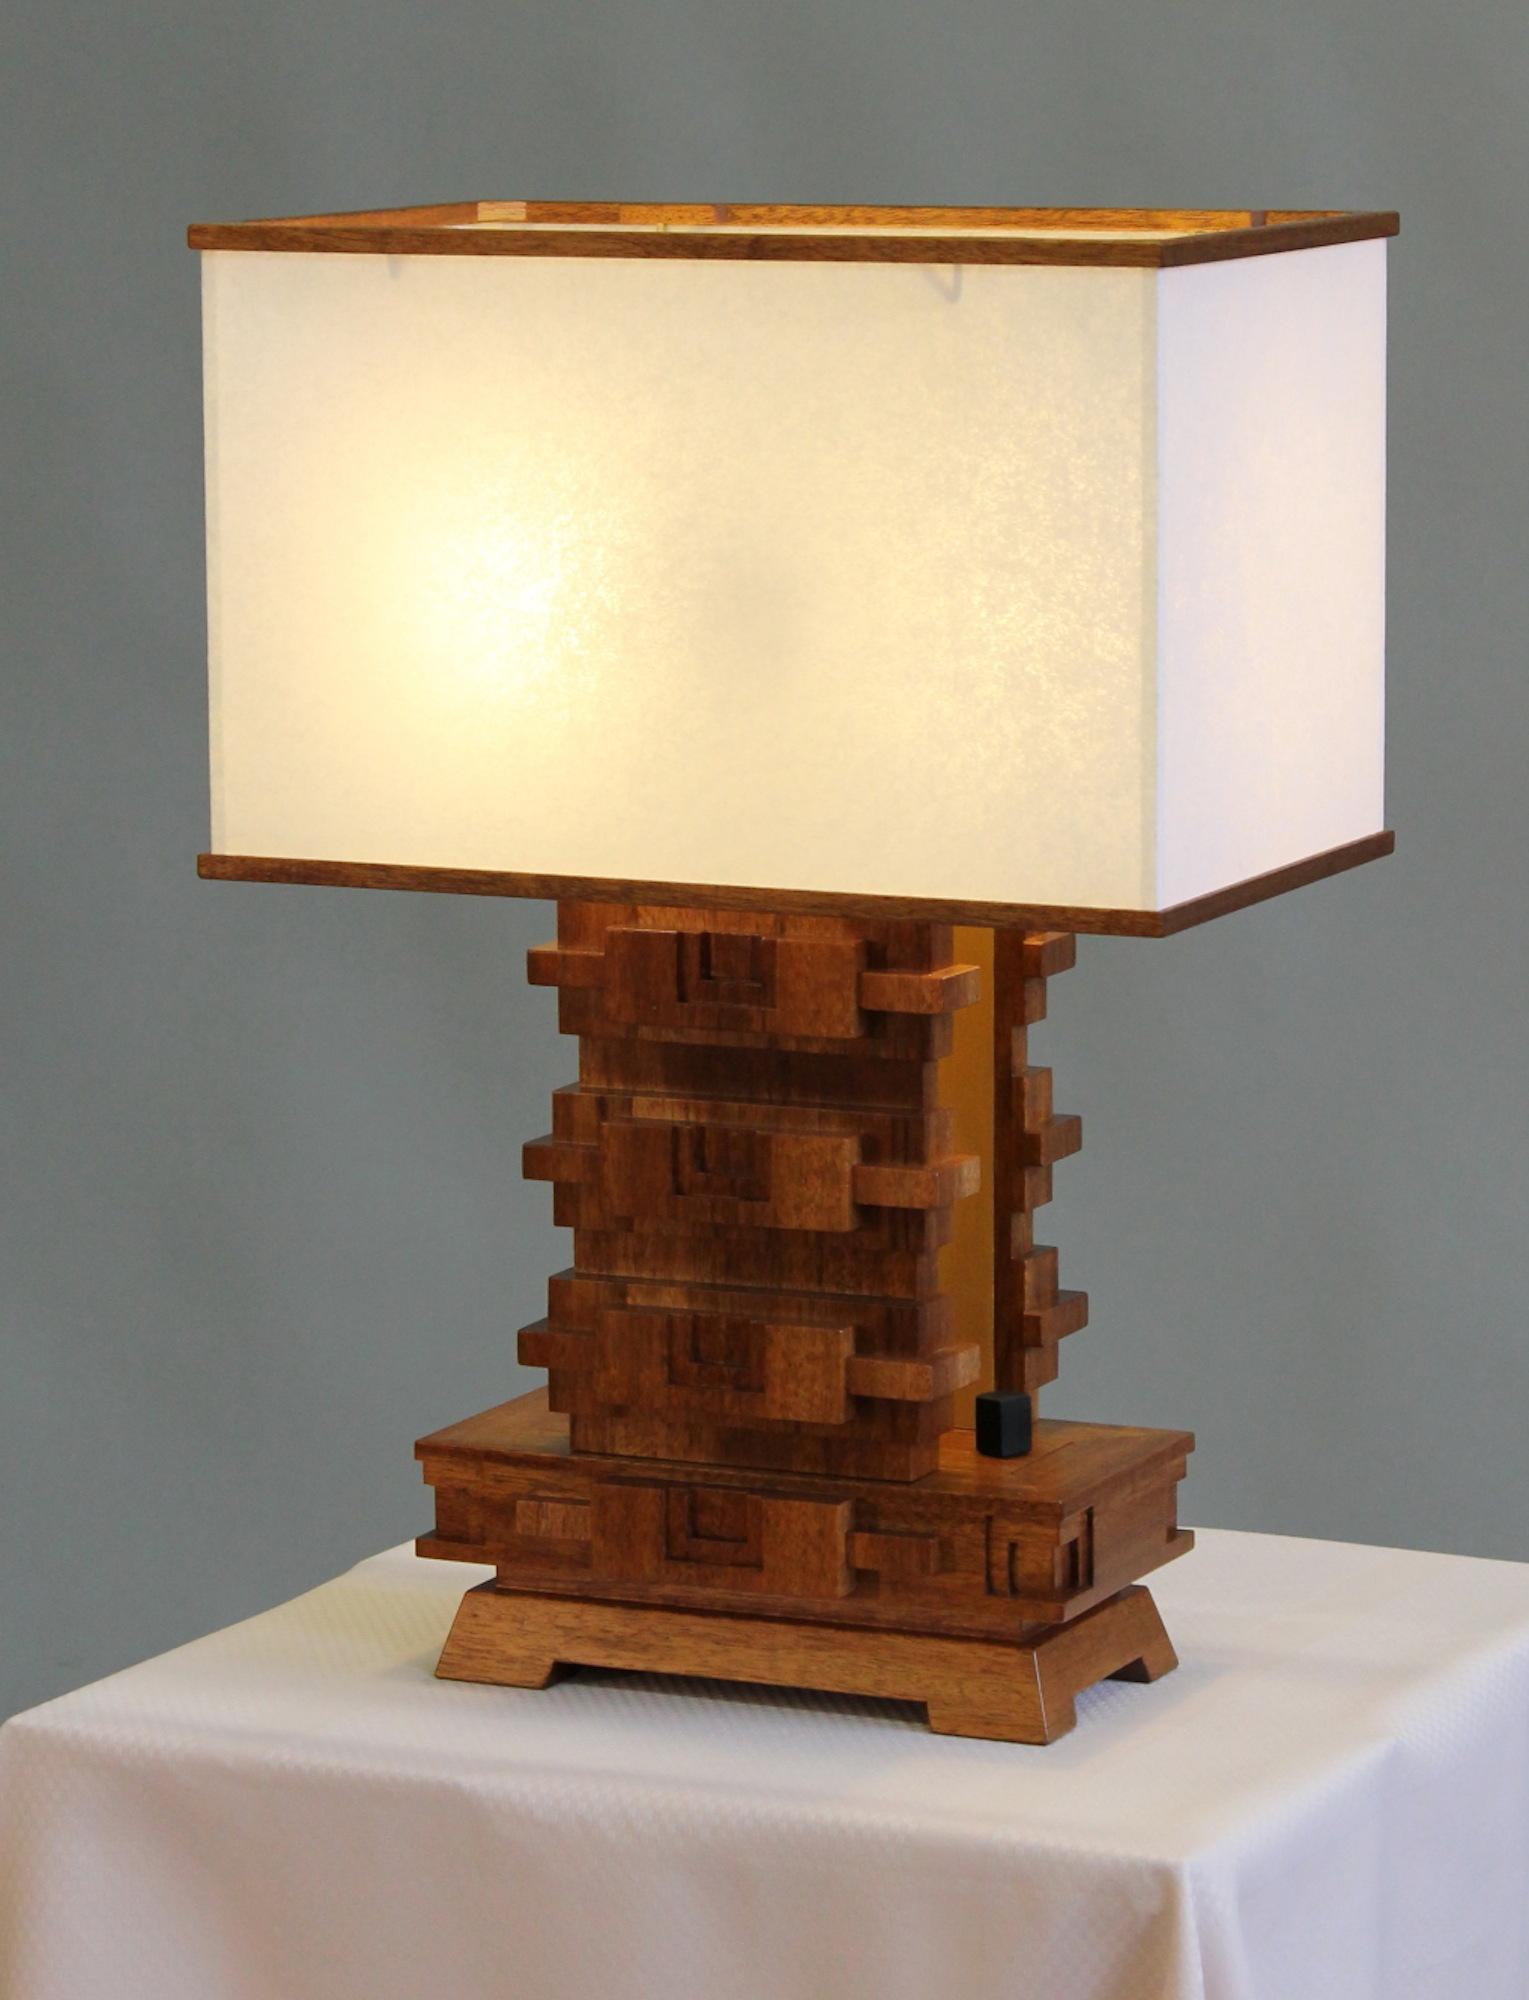 fine handmade custom furniture modern arts crafts design. Black Bedroom Furniture Sets. Home Design Ideas